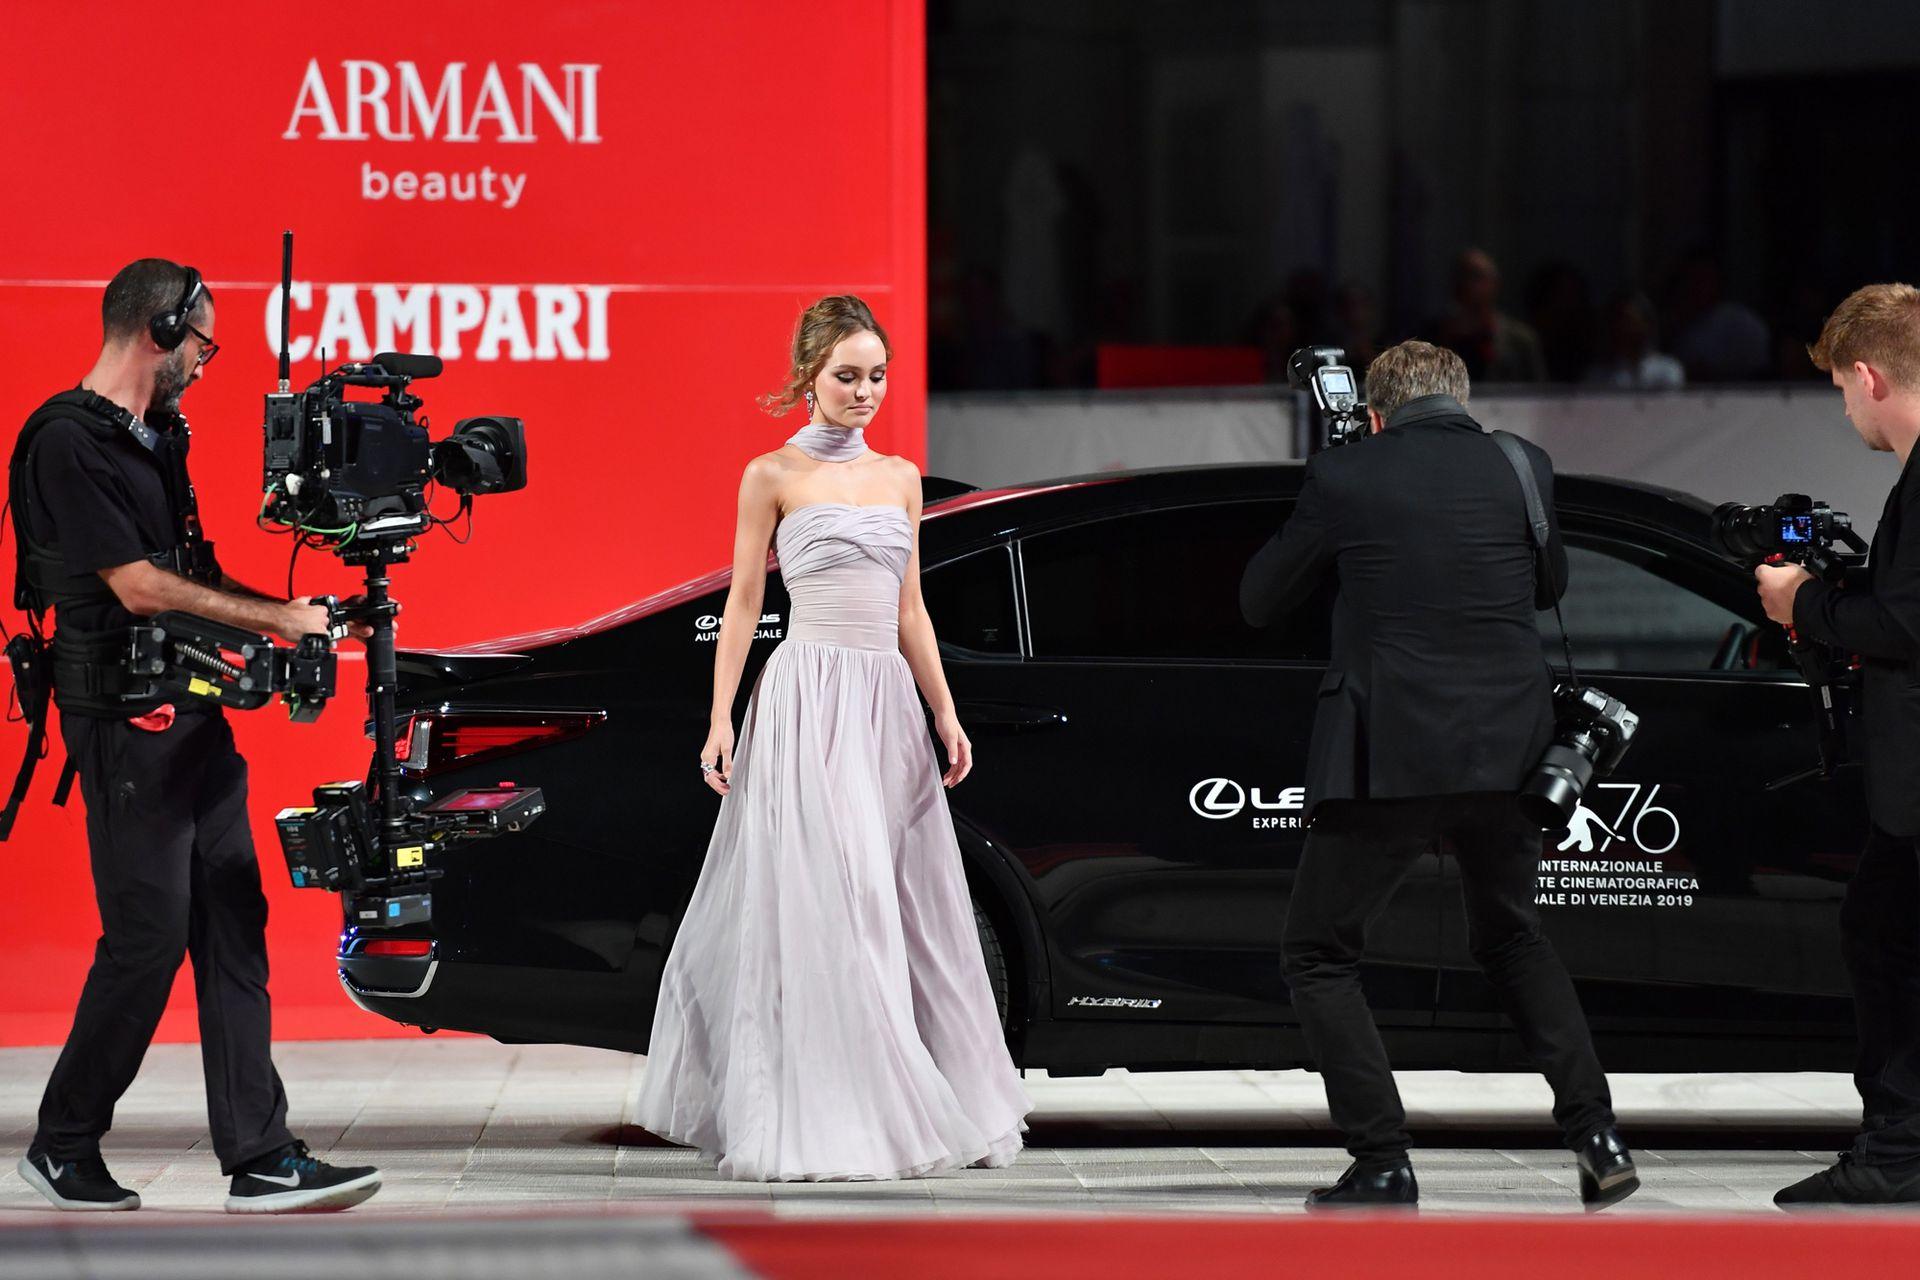 ¡Flashes a ella! La hija de Johnnt Depp, Lily-Rose Depp, estuvo en Venecia para presentar en sociedad el film The King del que forma parte